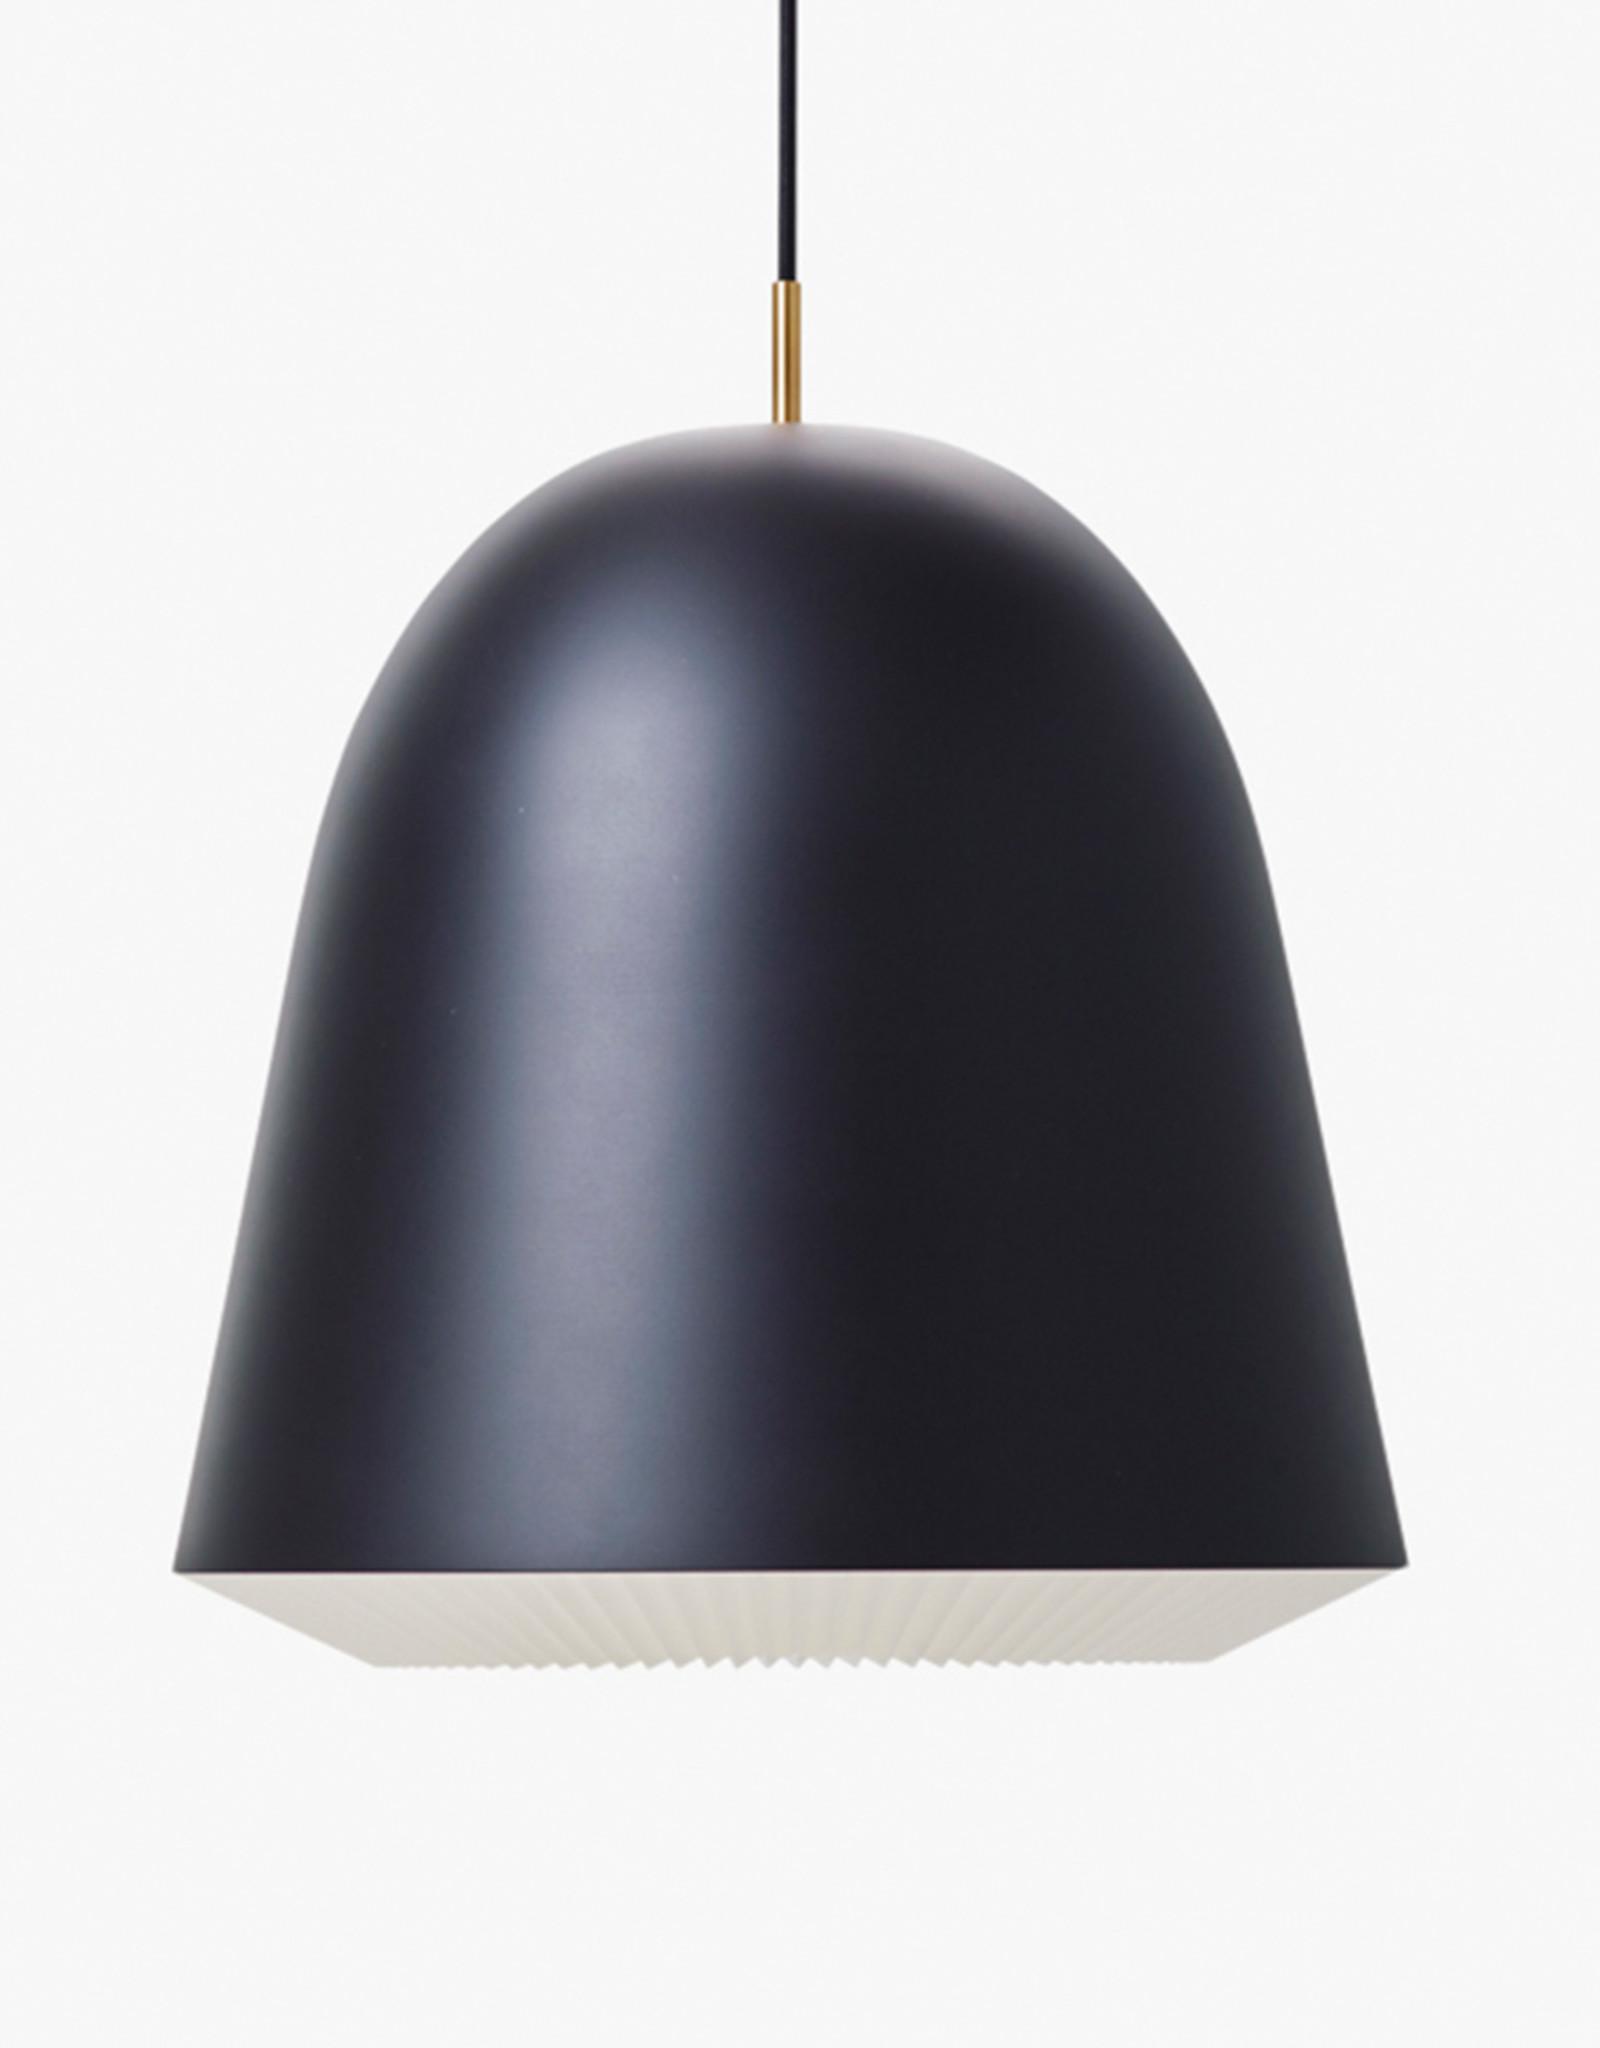 Caché pendant light by Aurelién Barbry   Black   L   W40cm x H42cm  1x E27 1200 LM max. 20W LED bulb required